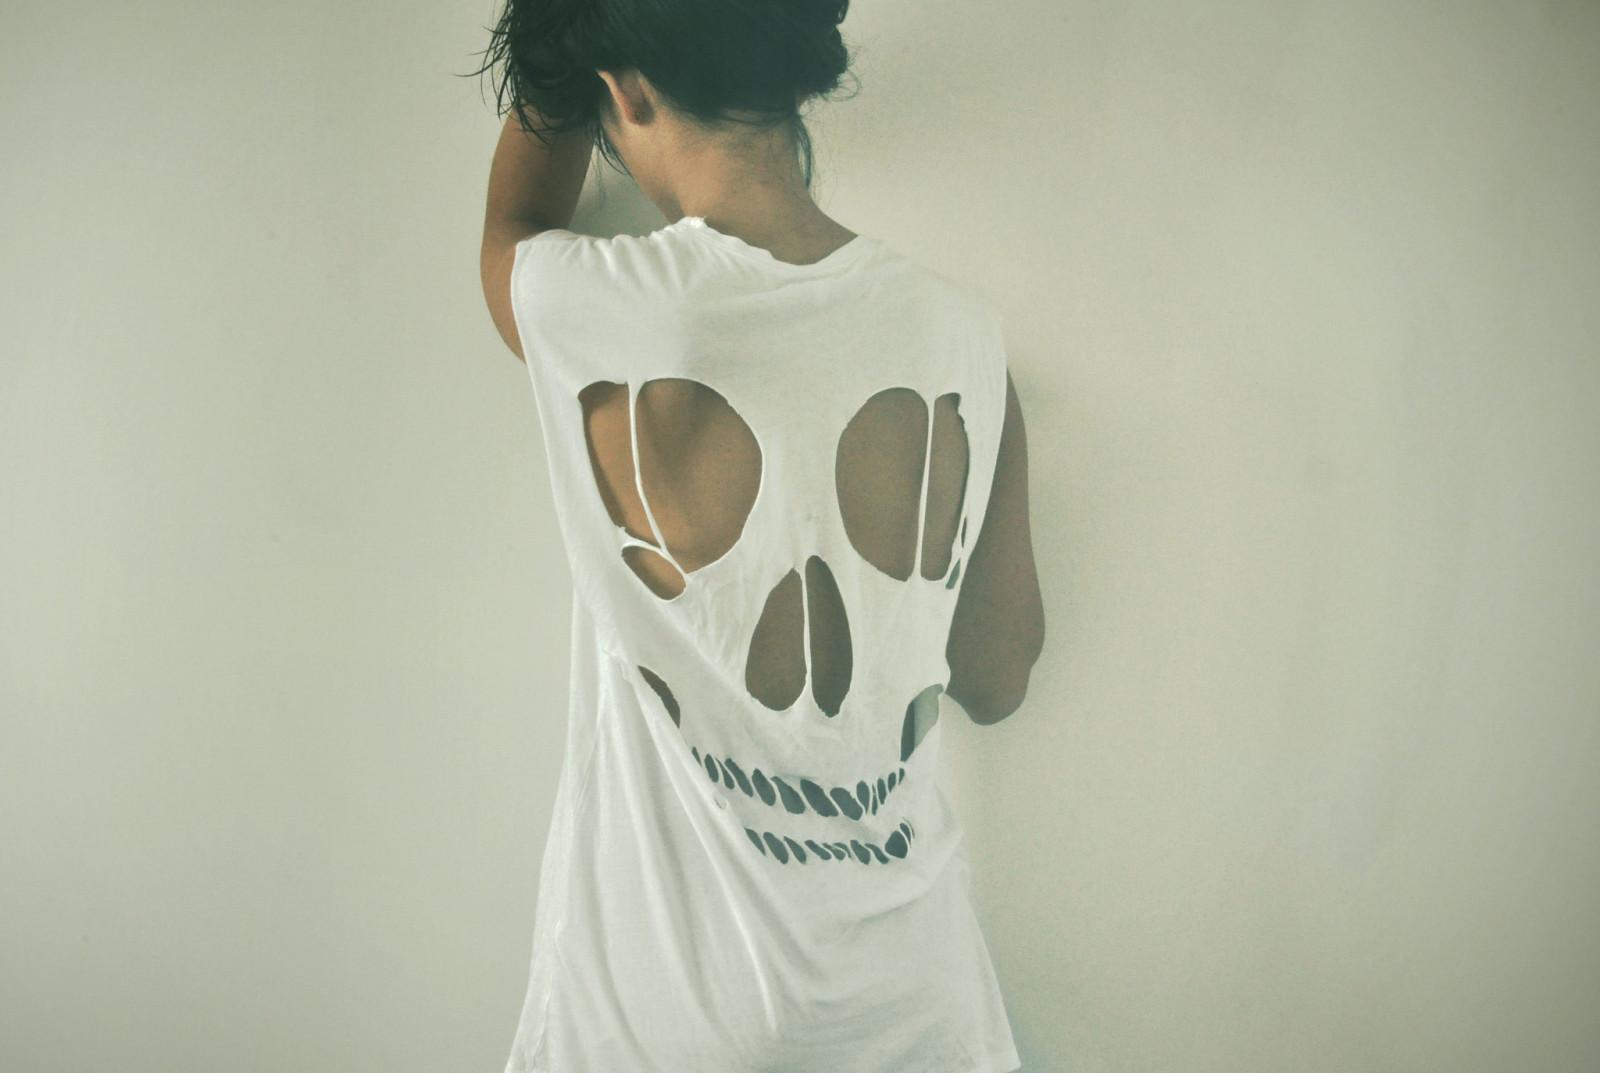 Картинки девушек на аву со спины с надписями, колян дурак